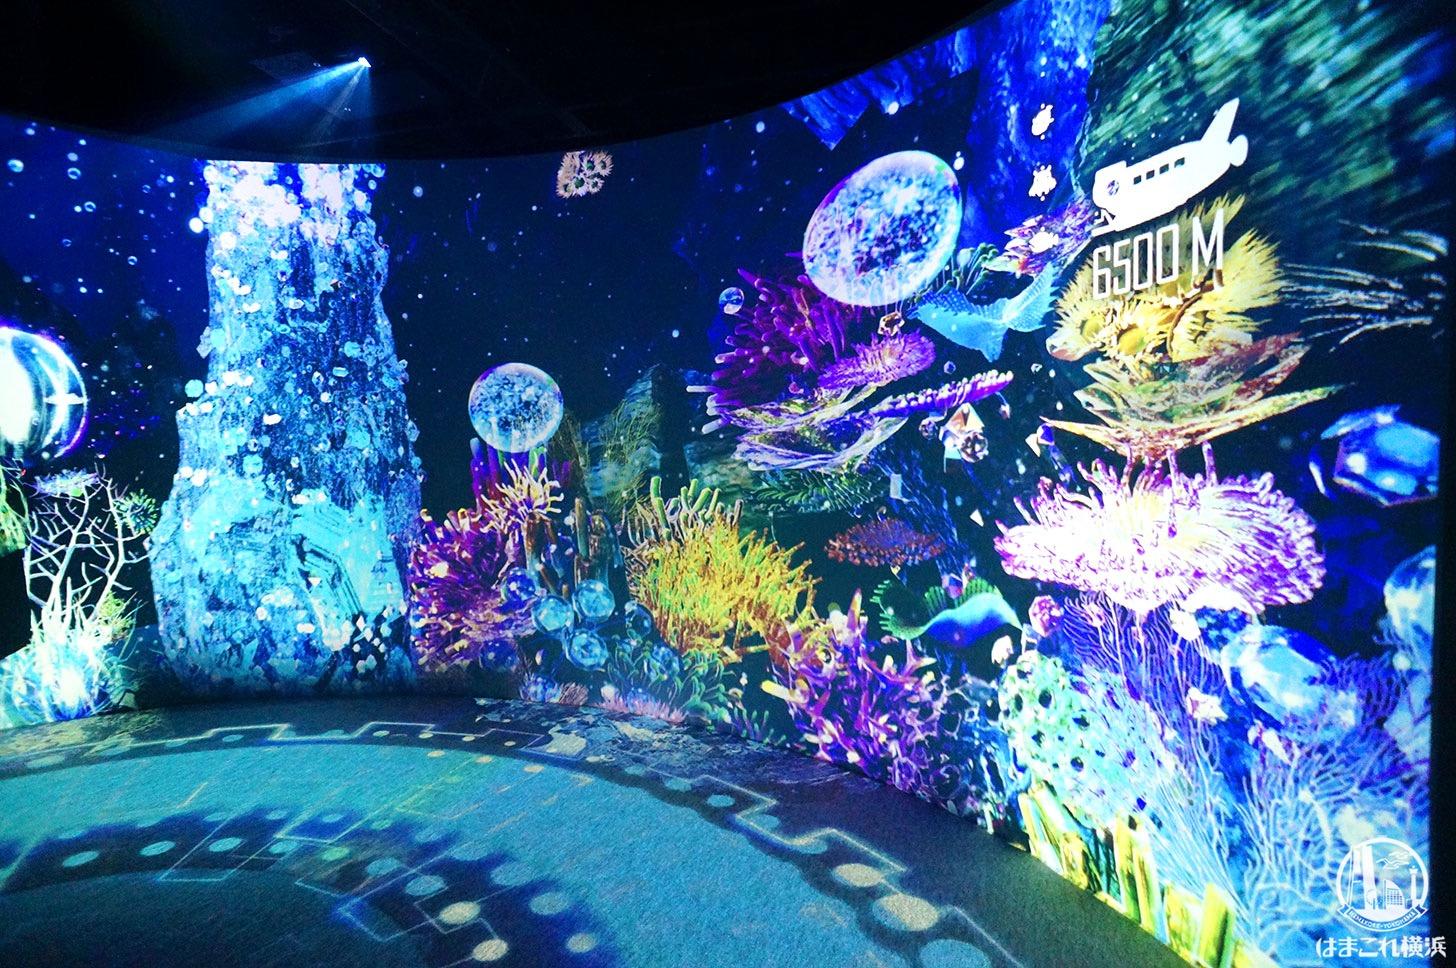 オーシャン バイ ネイキッド 光の深海展「水深6500メートルの世界」